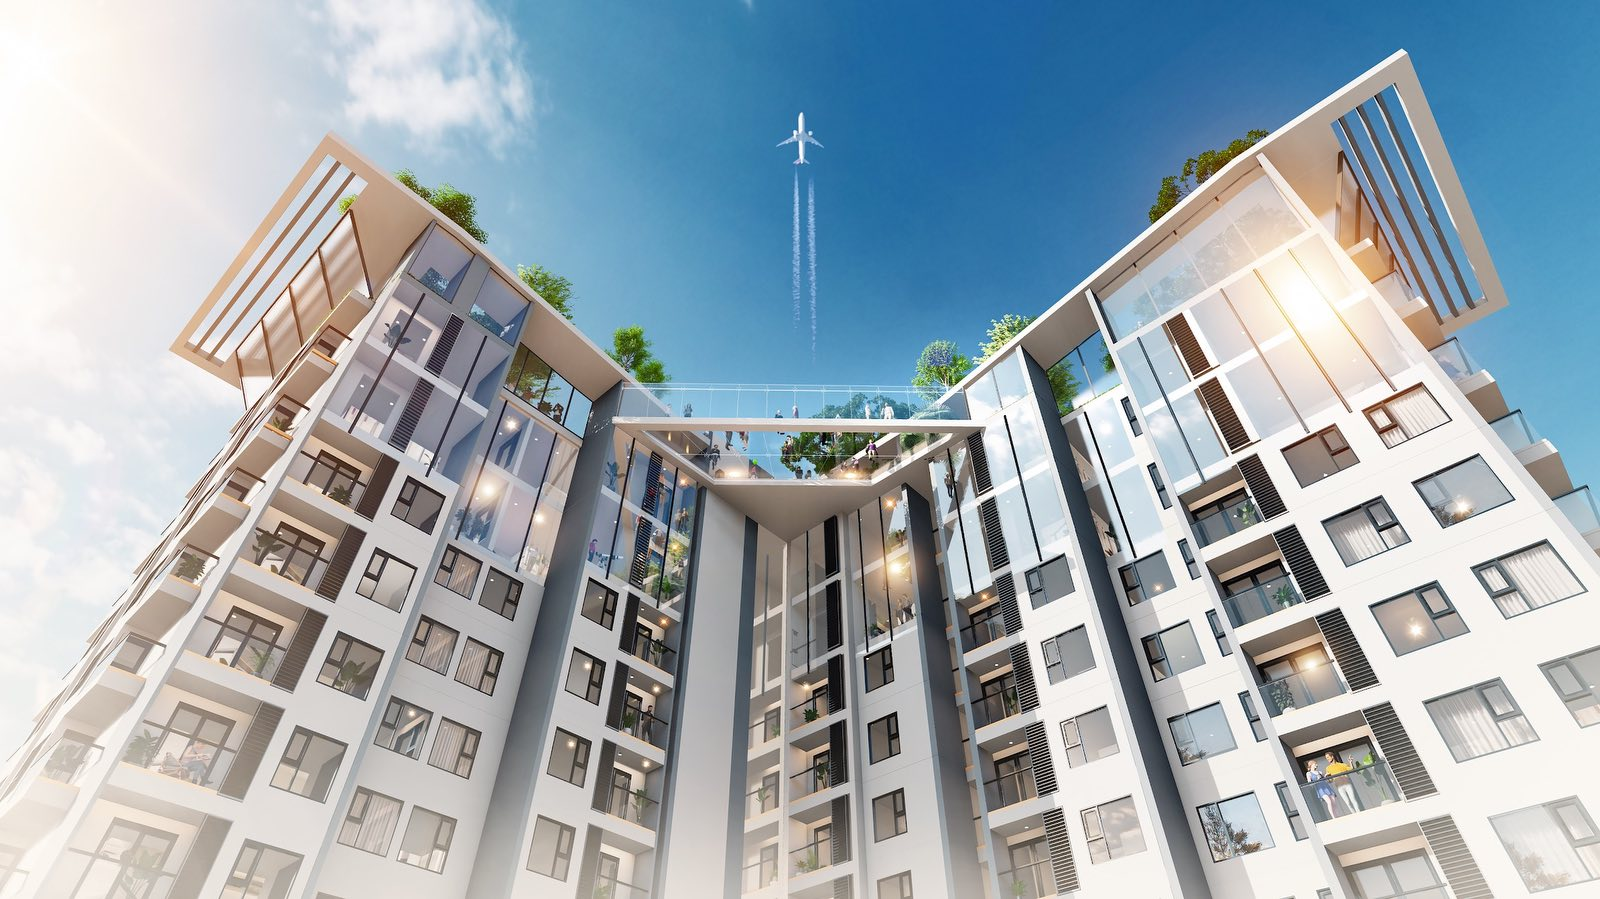 S-Premium là căn hộ siêu sang theo tiêu chuẩn khách sạn 5 sao đầu tiên tại Ecopark